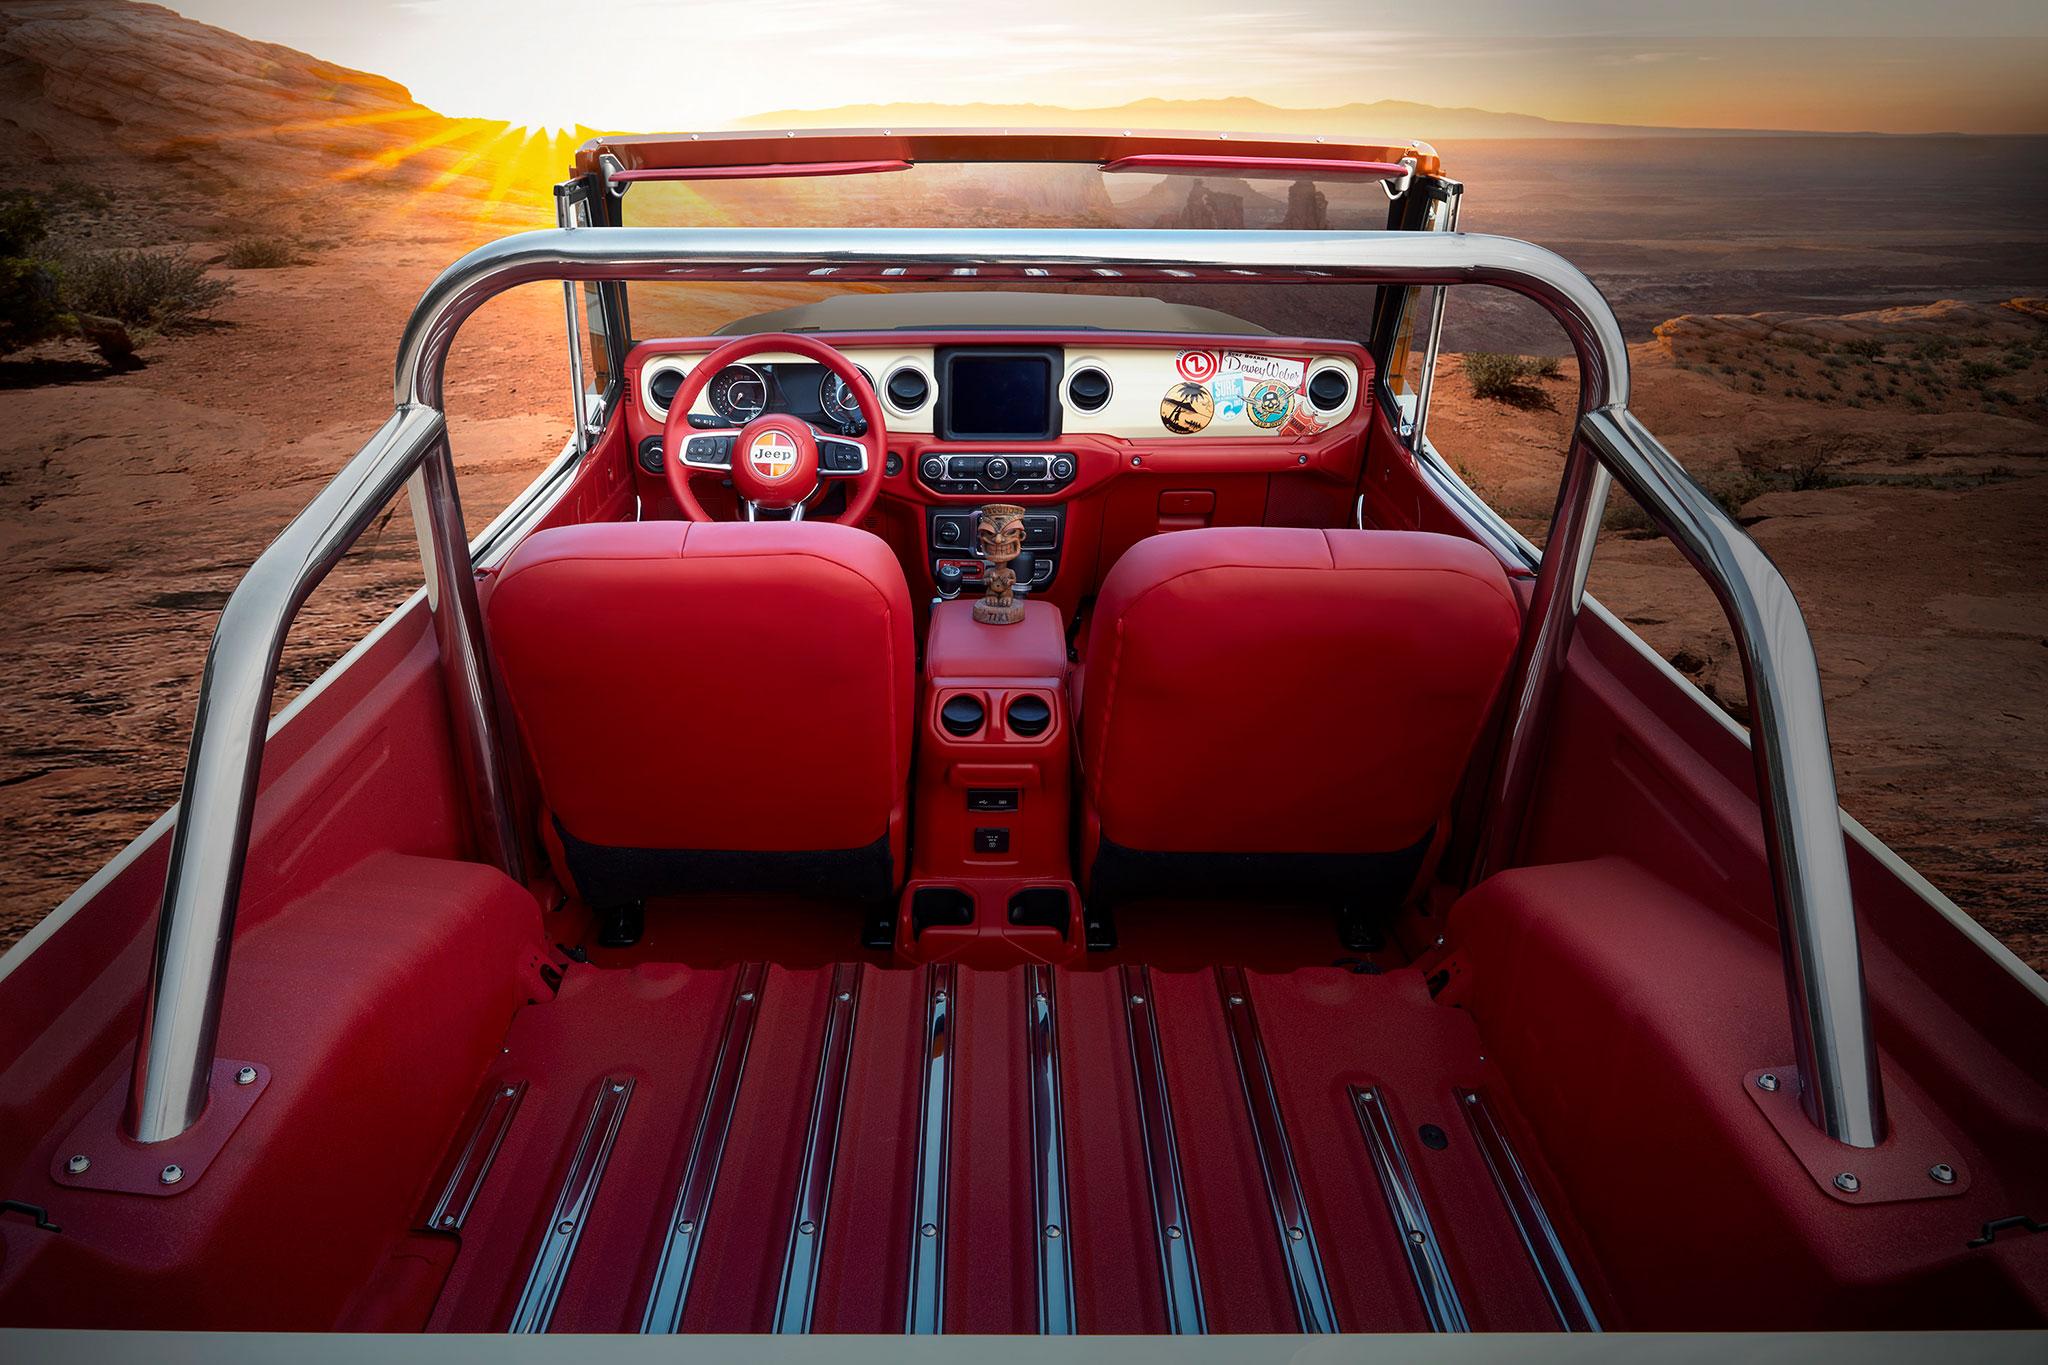 2021 Jeepster Beach Resto Mod Concept zone de chargement sièges avant tableau de bord - Concept Cars de Jeep®.